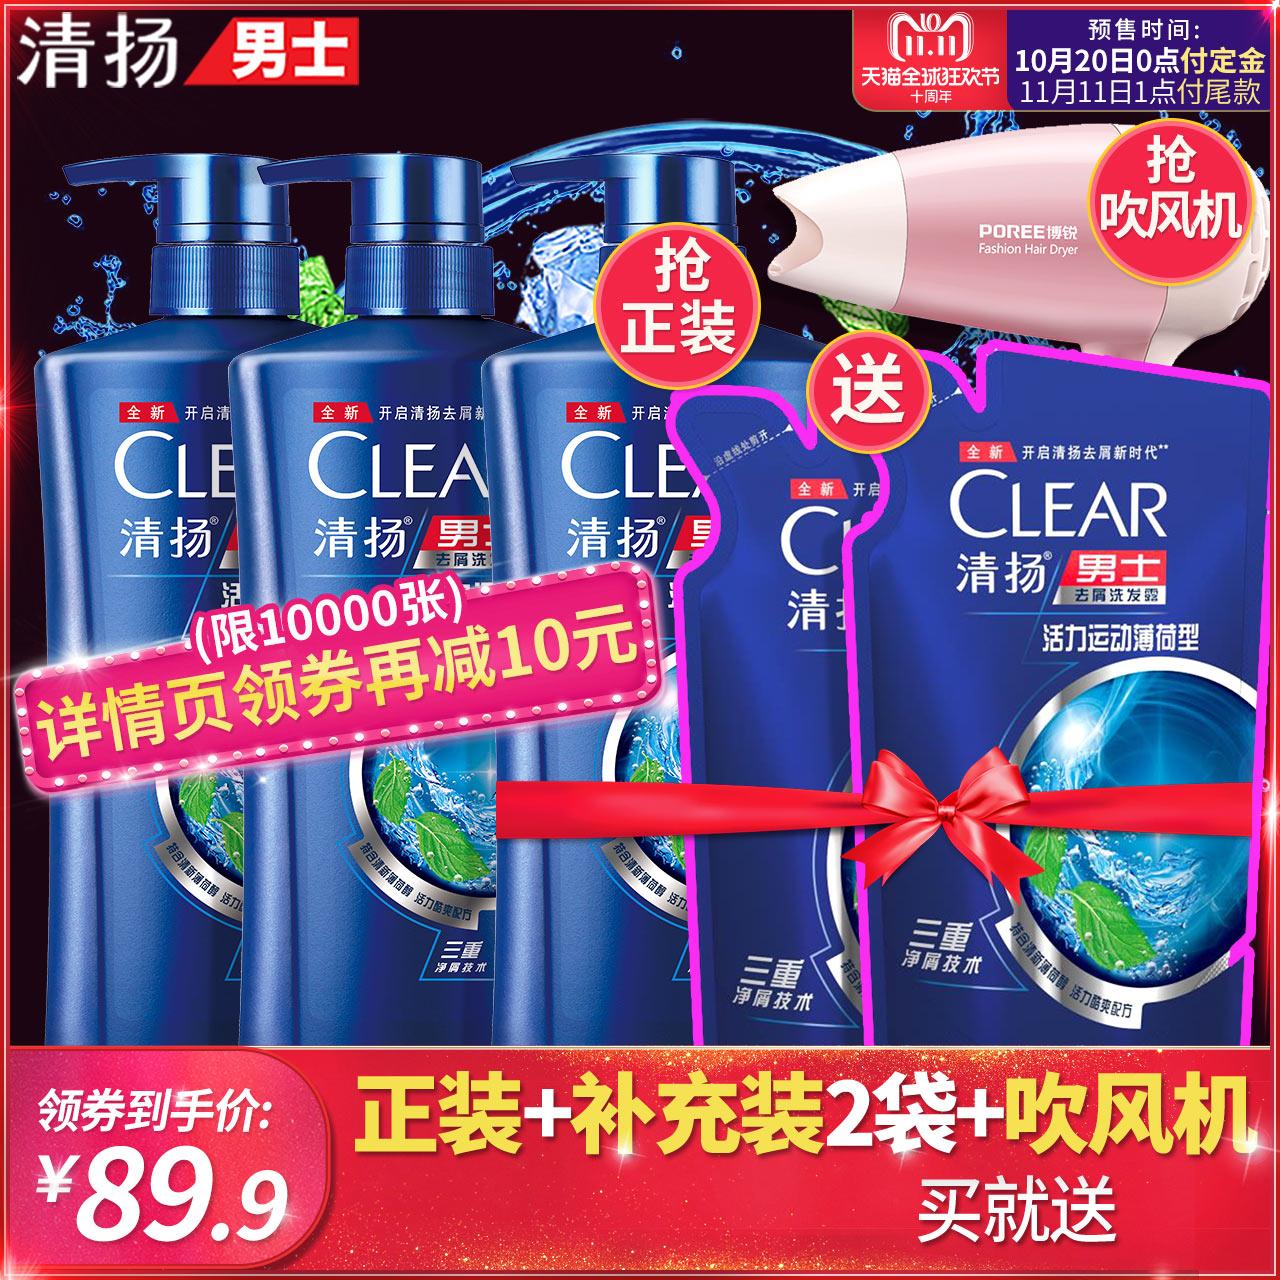 【双11预售】清扬洗发水露男士活力运动薄荷去屑正品套装500g*2